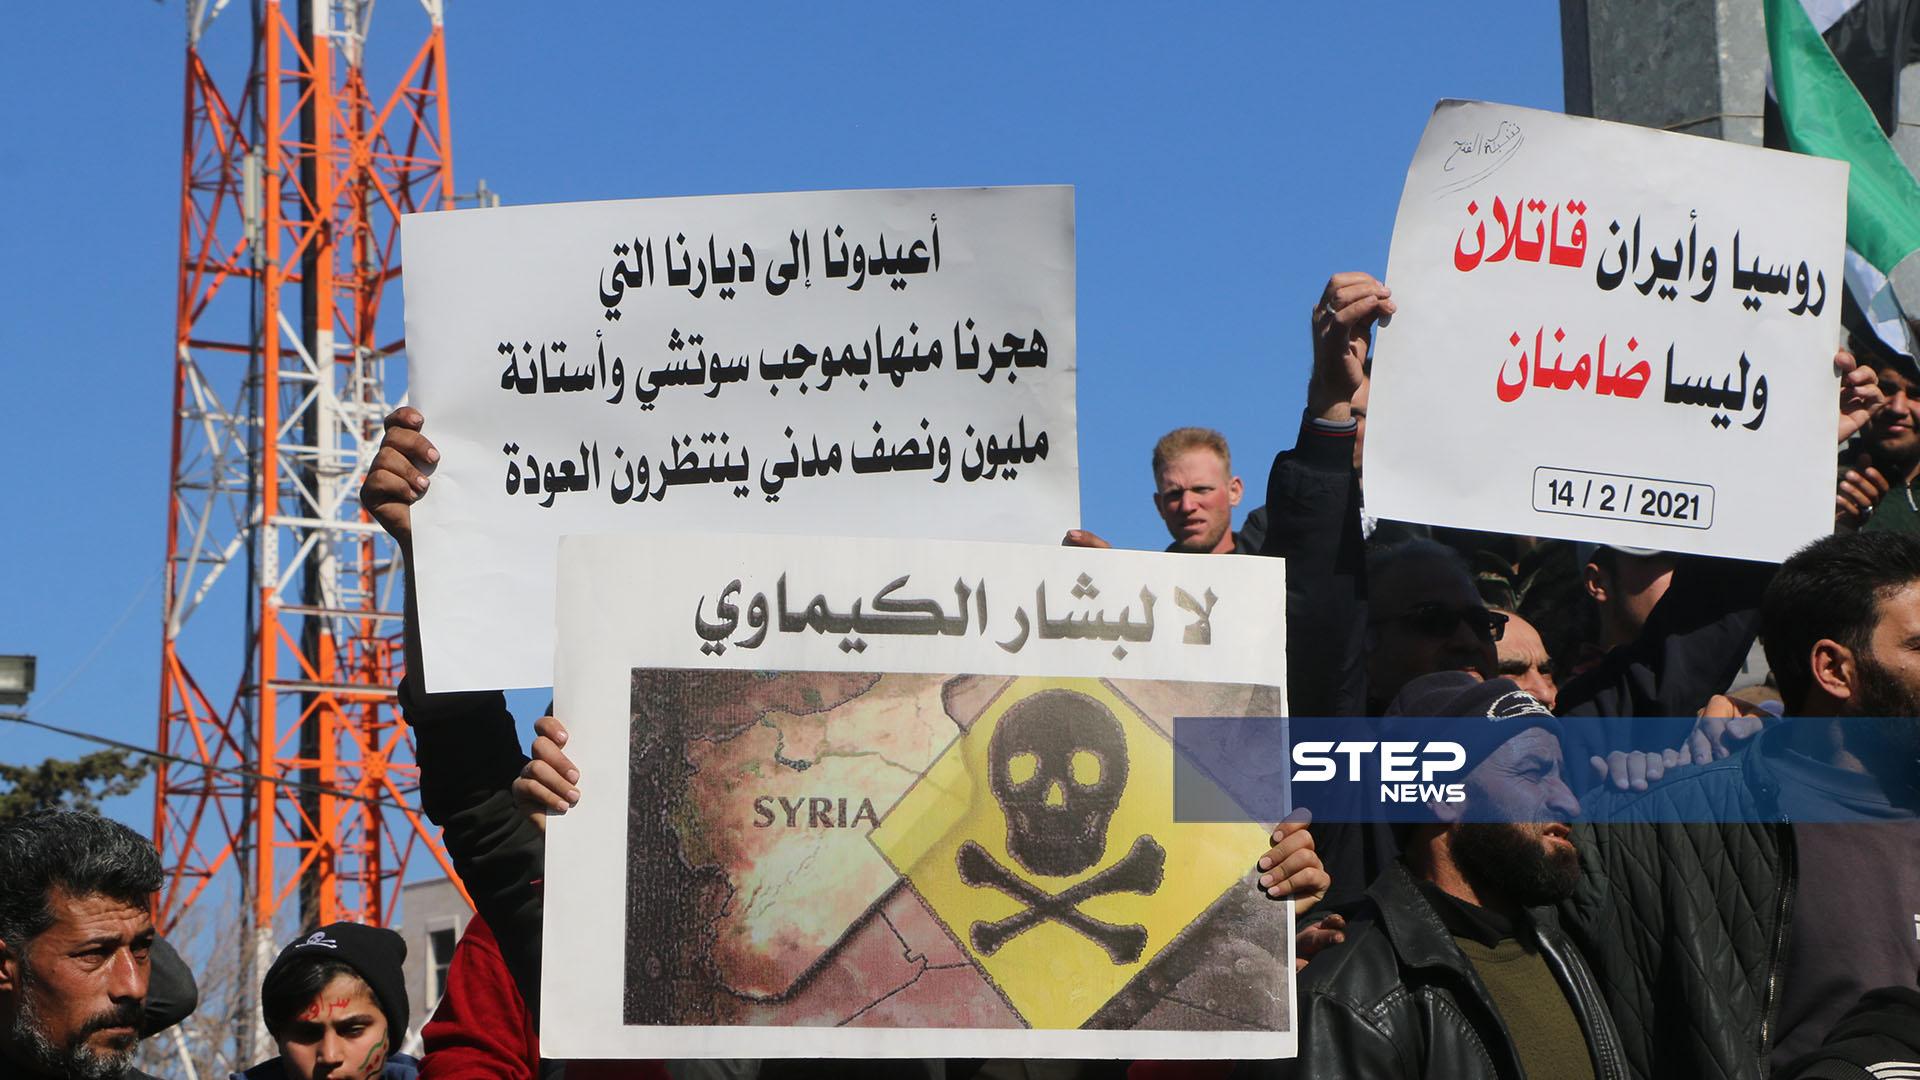 خروج مظاهرة في مدينة إدلب